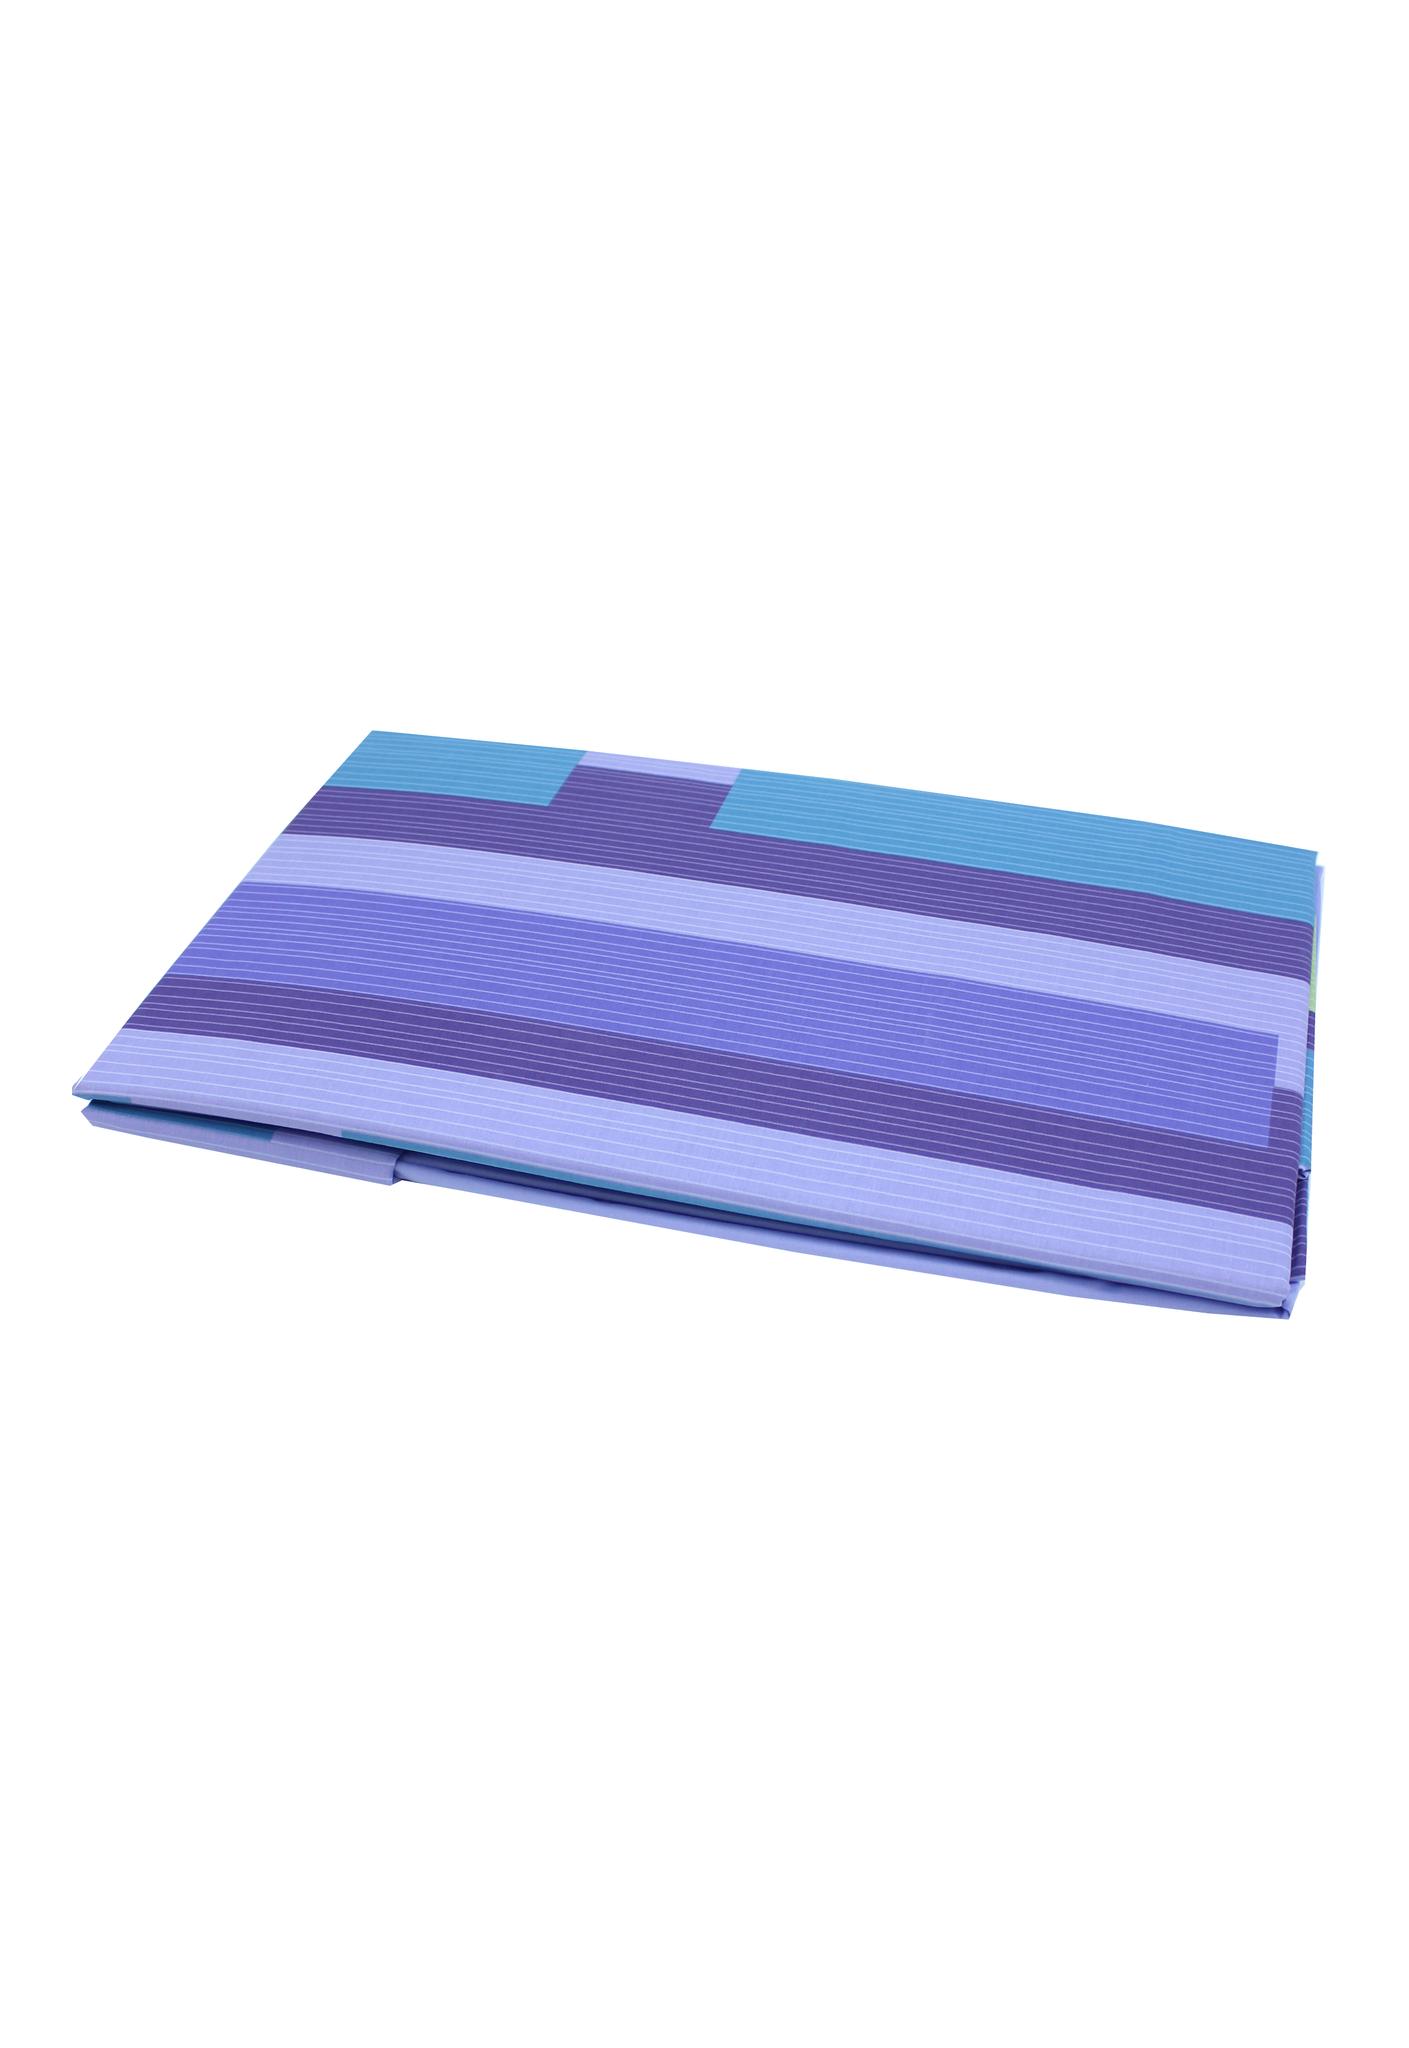 Комплекты постельного белья Постельное белье 1.5 спальное Caleffi Quebec komplekt-postelnogo-belya-quebec-ot-caleffi.JPG